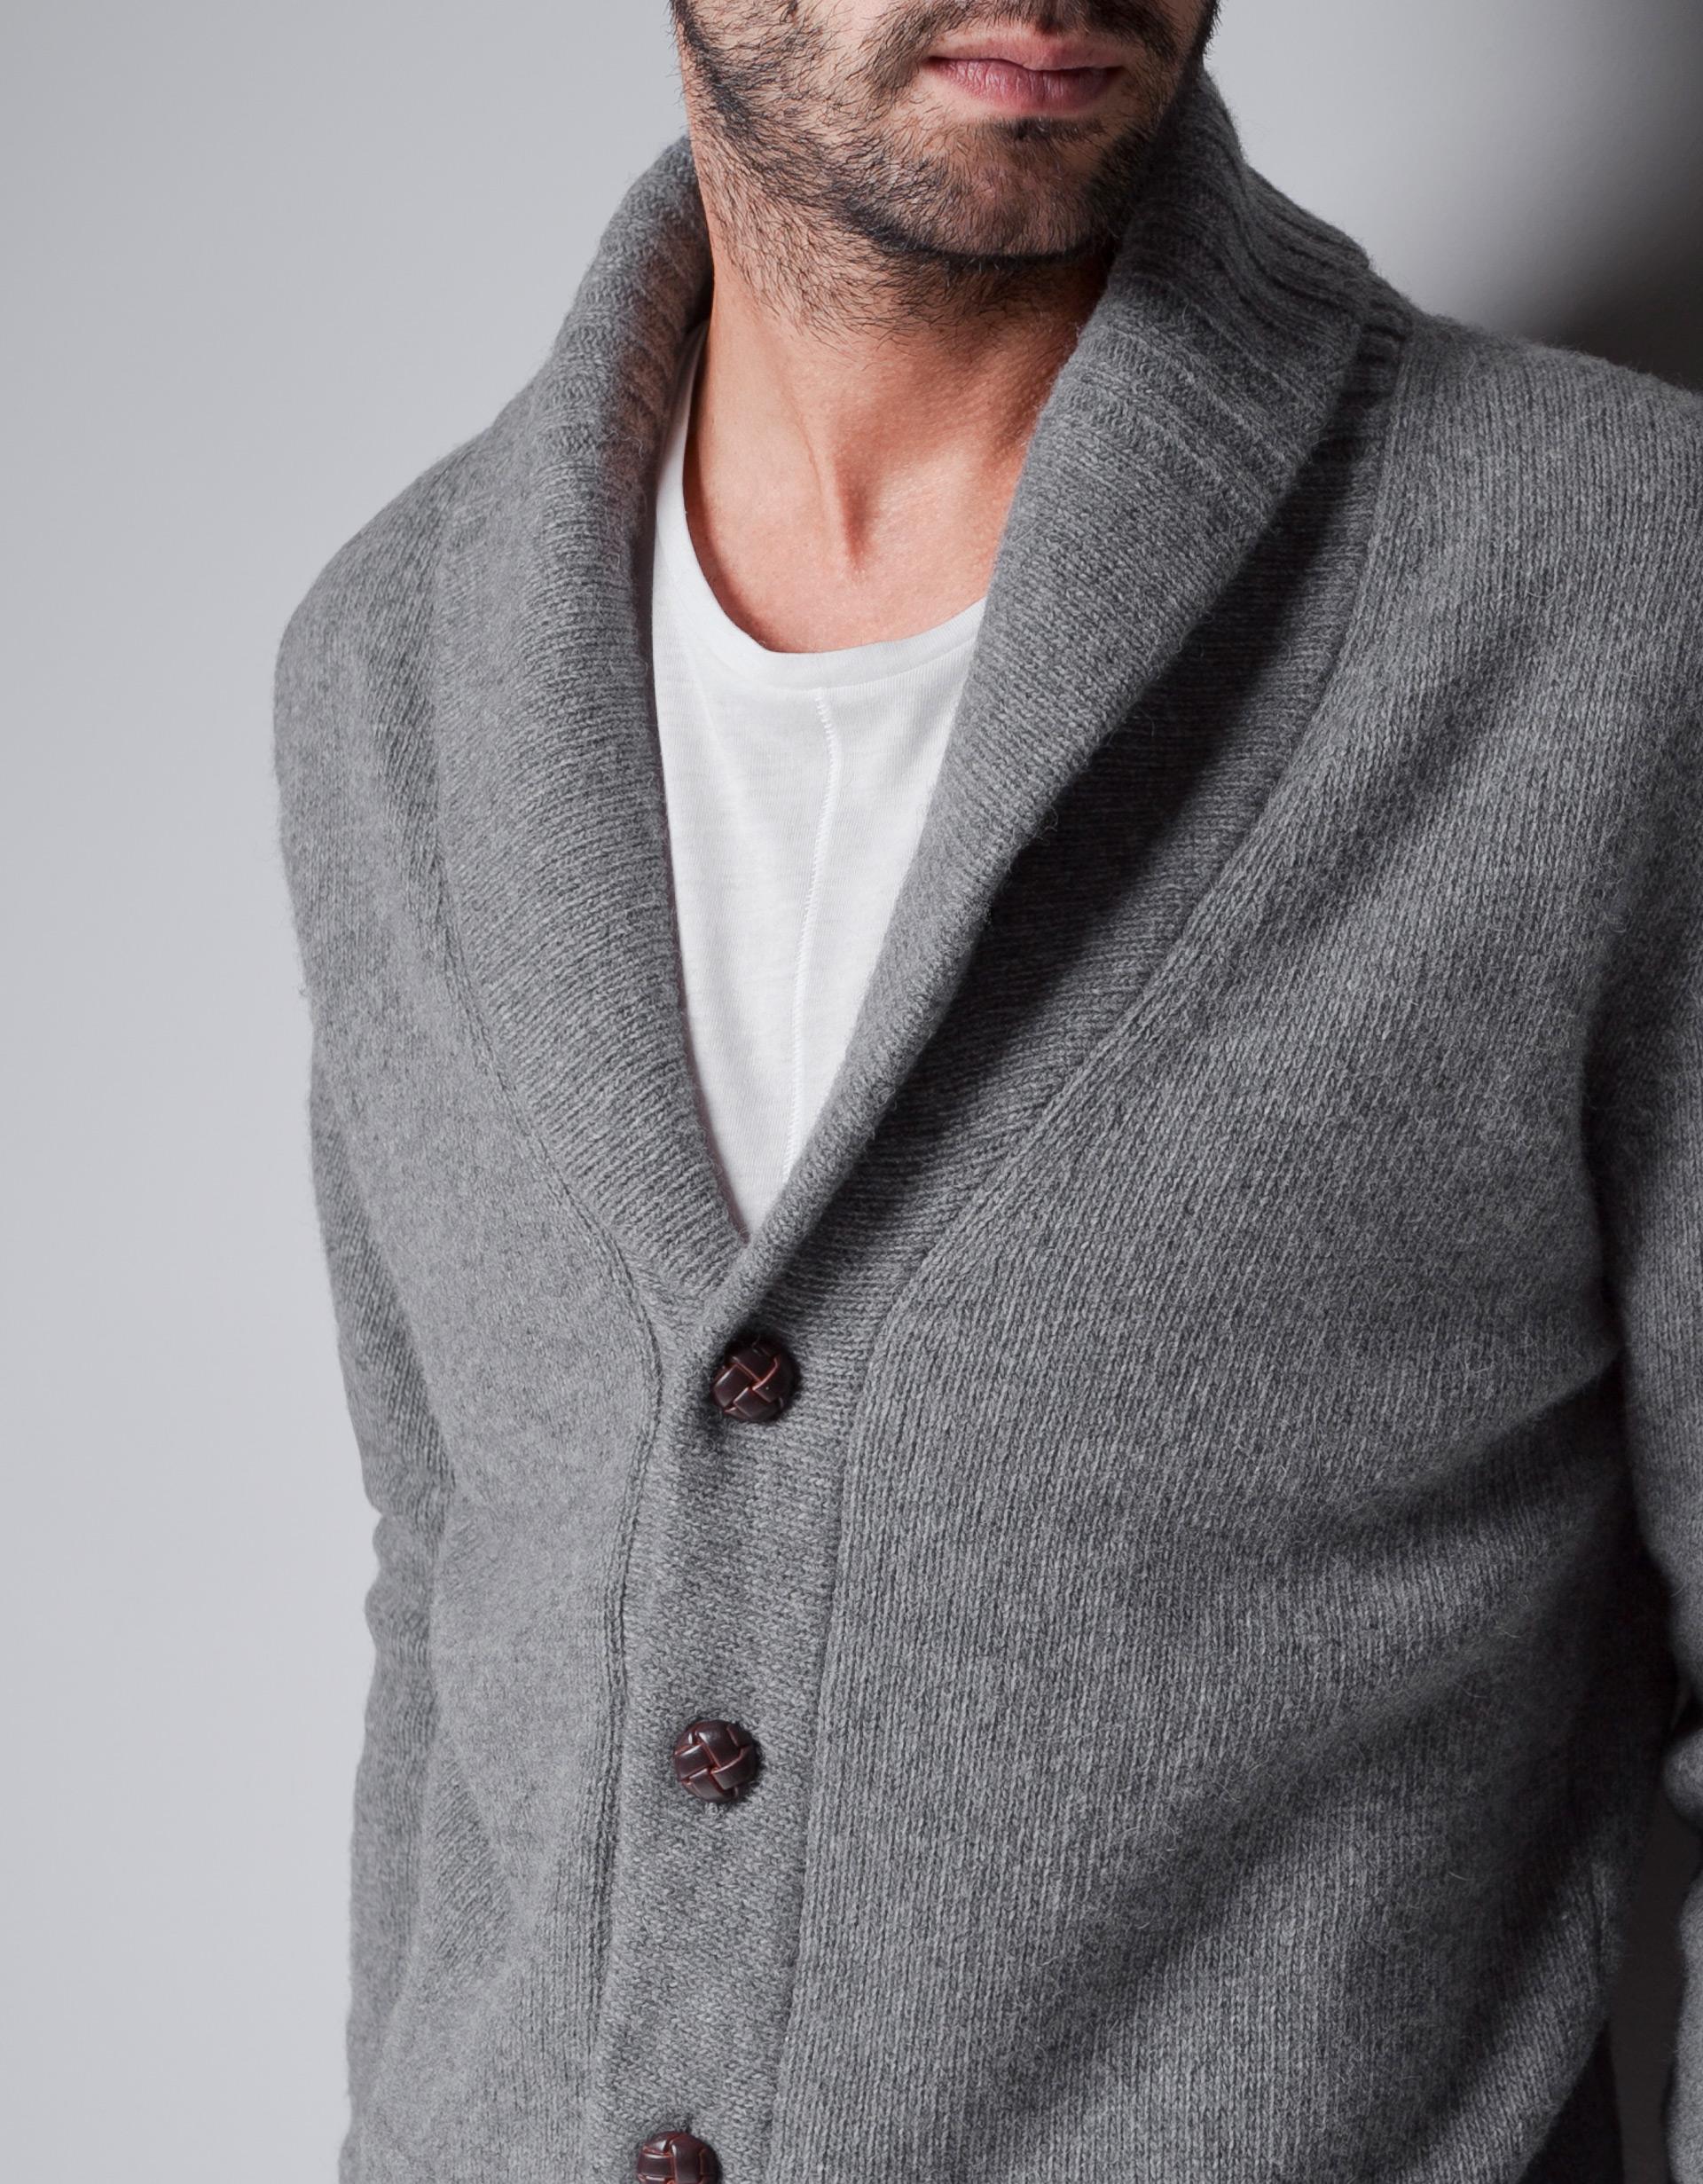 Mens Gray Shawl Collar Cardigan - English Sweater Vest